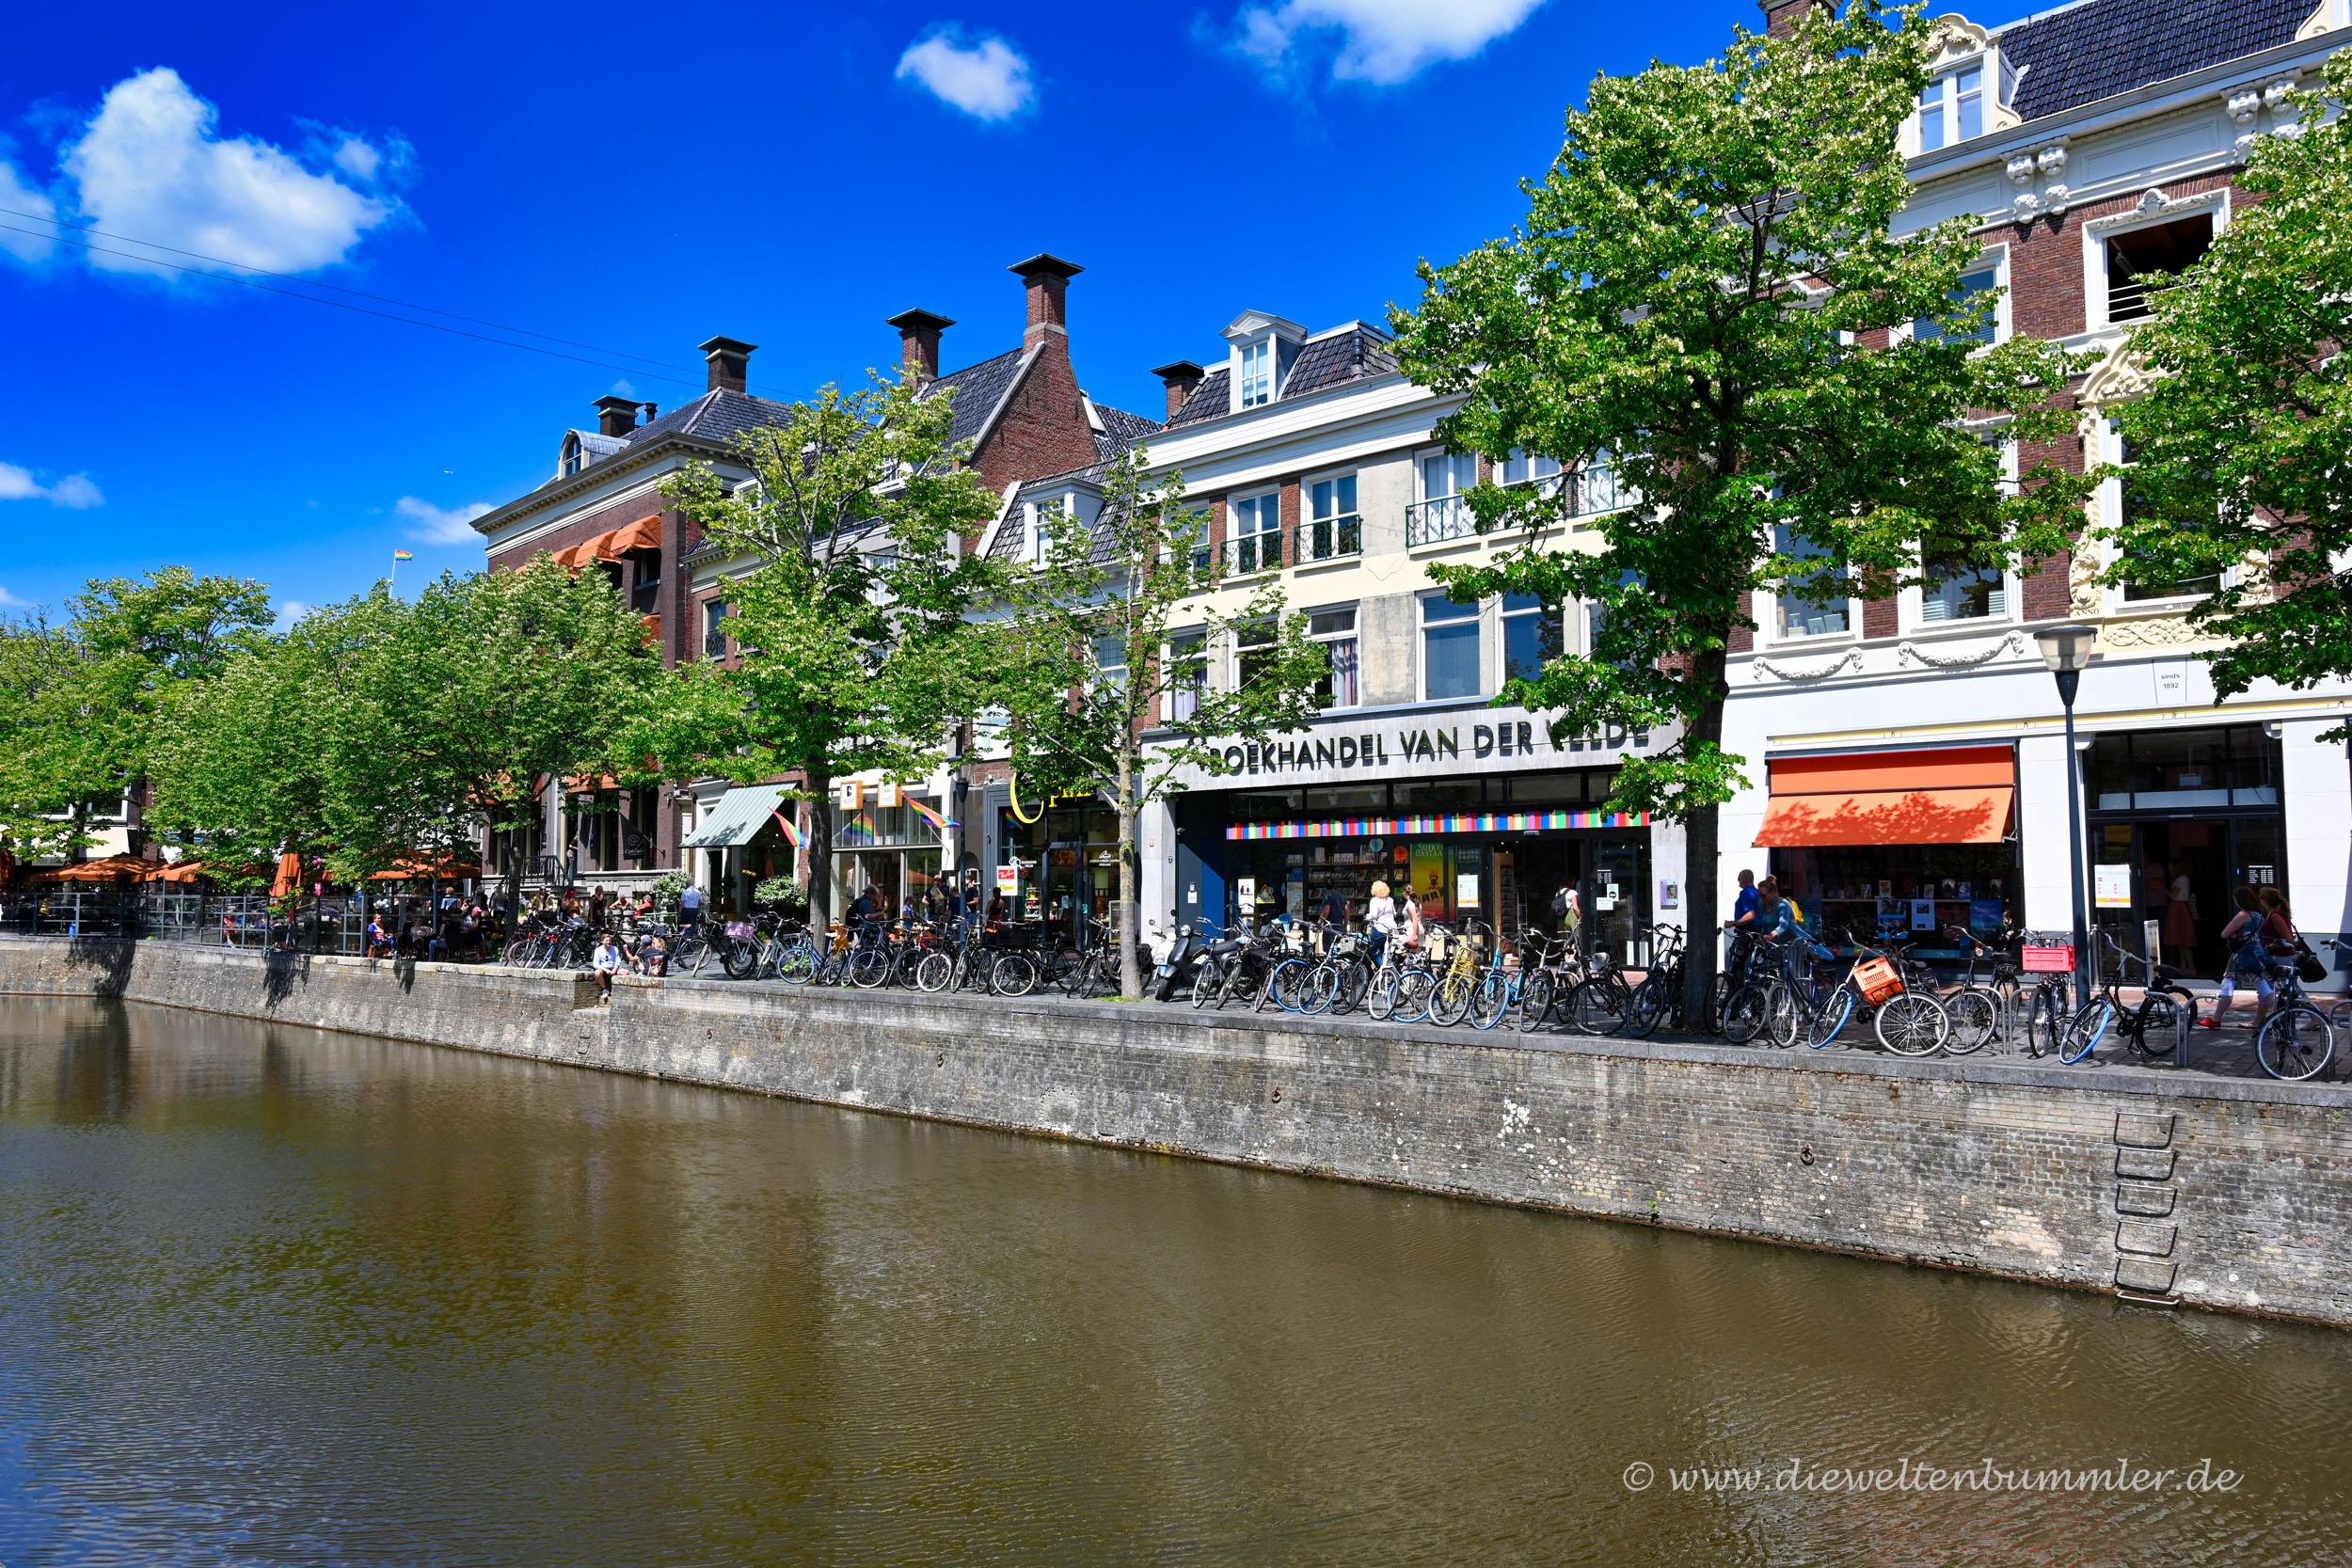 Innenstadt von Leeuwarden